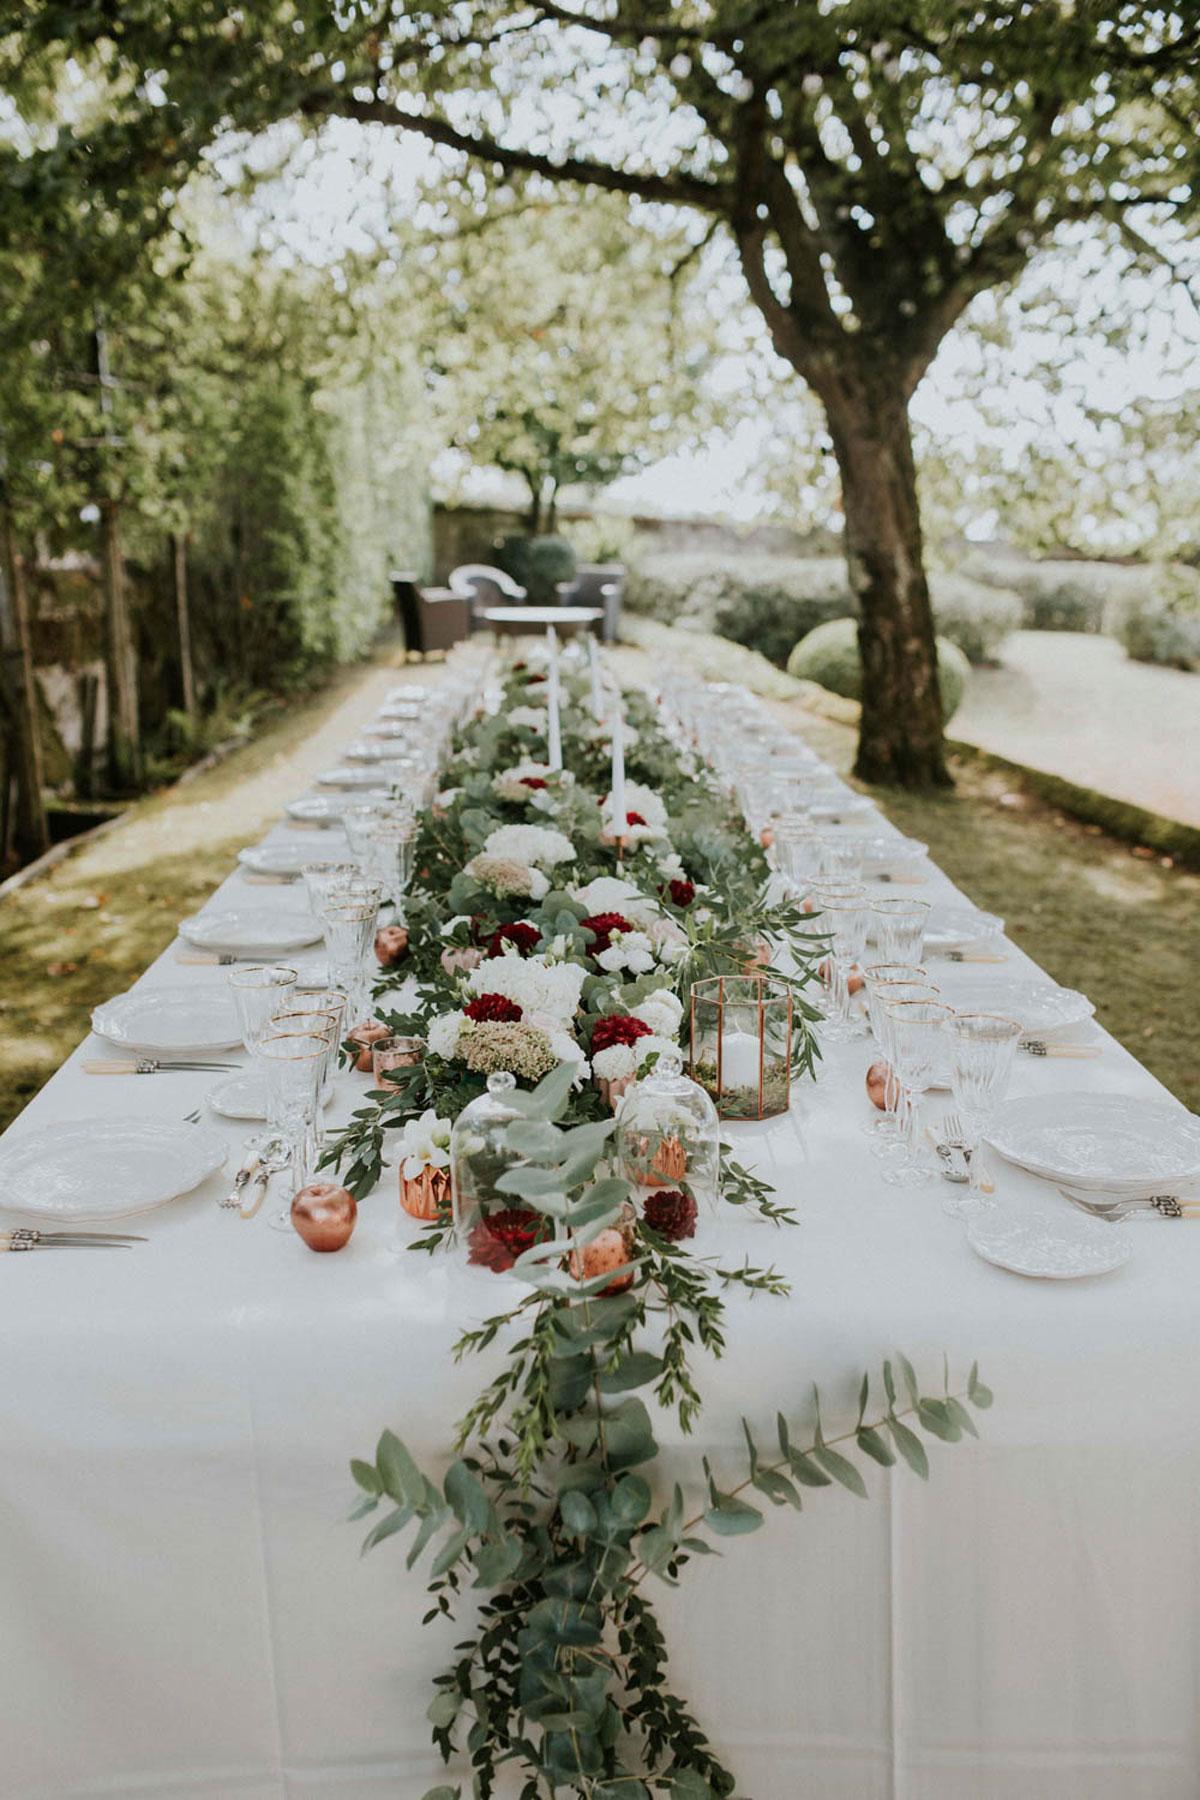 Le feuillage et eucalyptus est tendance et inspiré en déco de mariage de chemin de table à l'esprit chic, bohème et poétique.